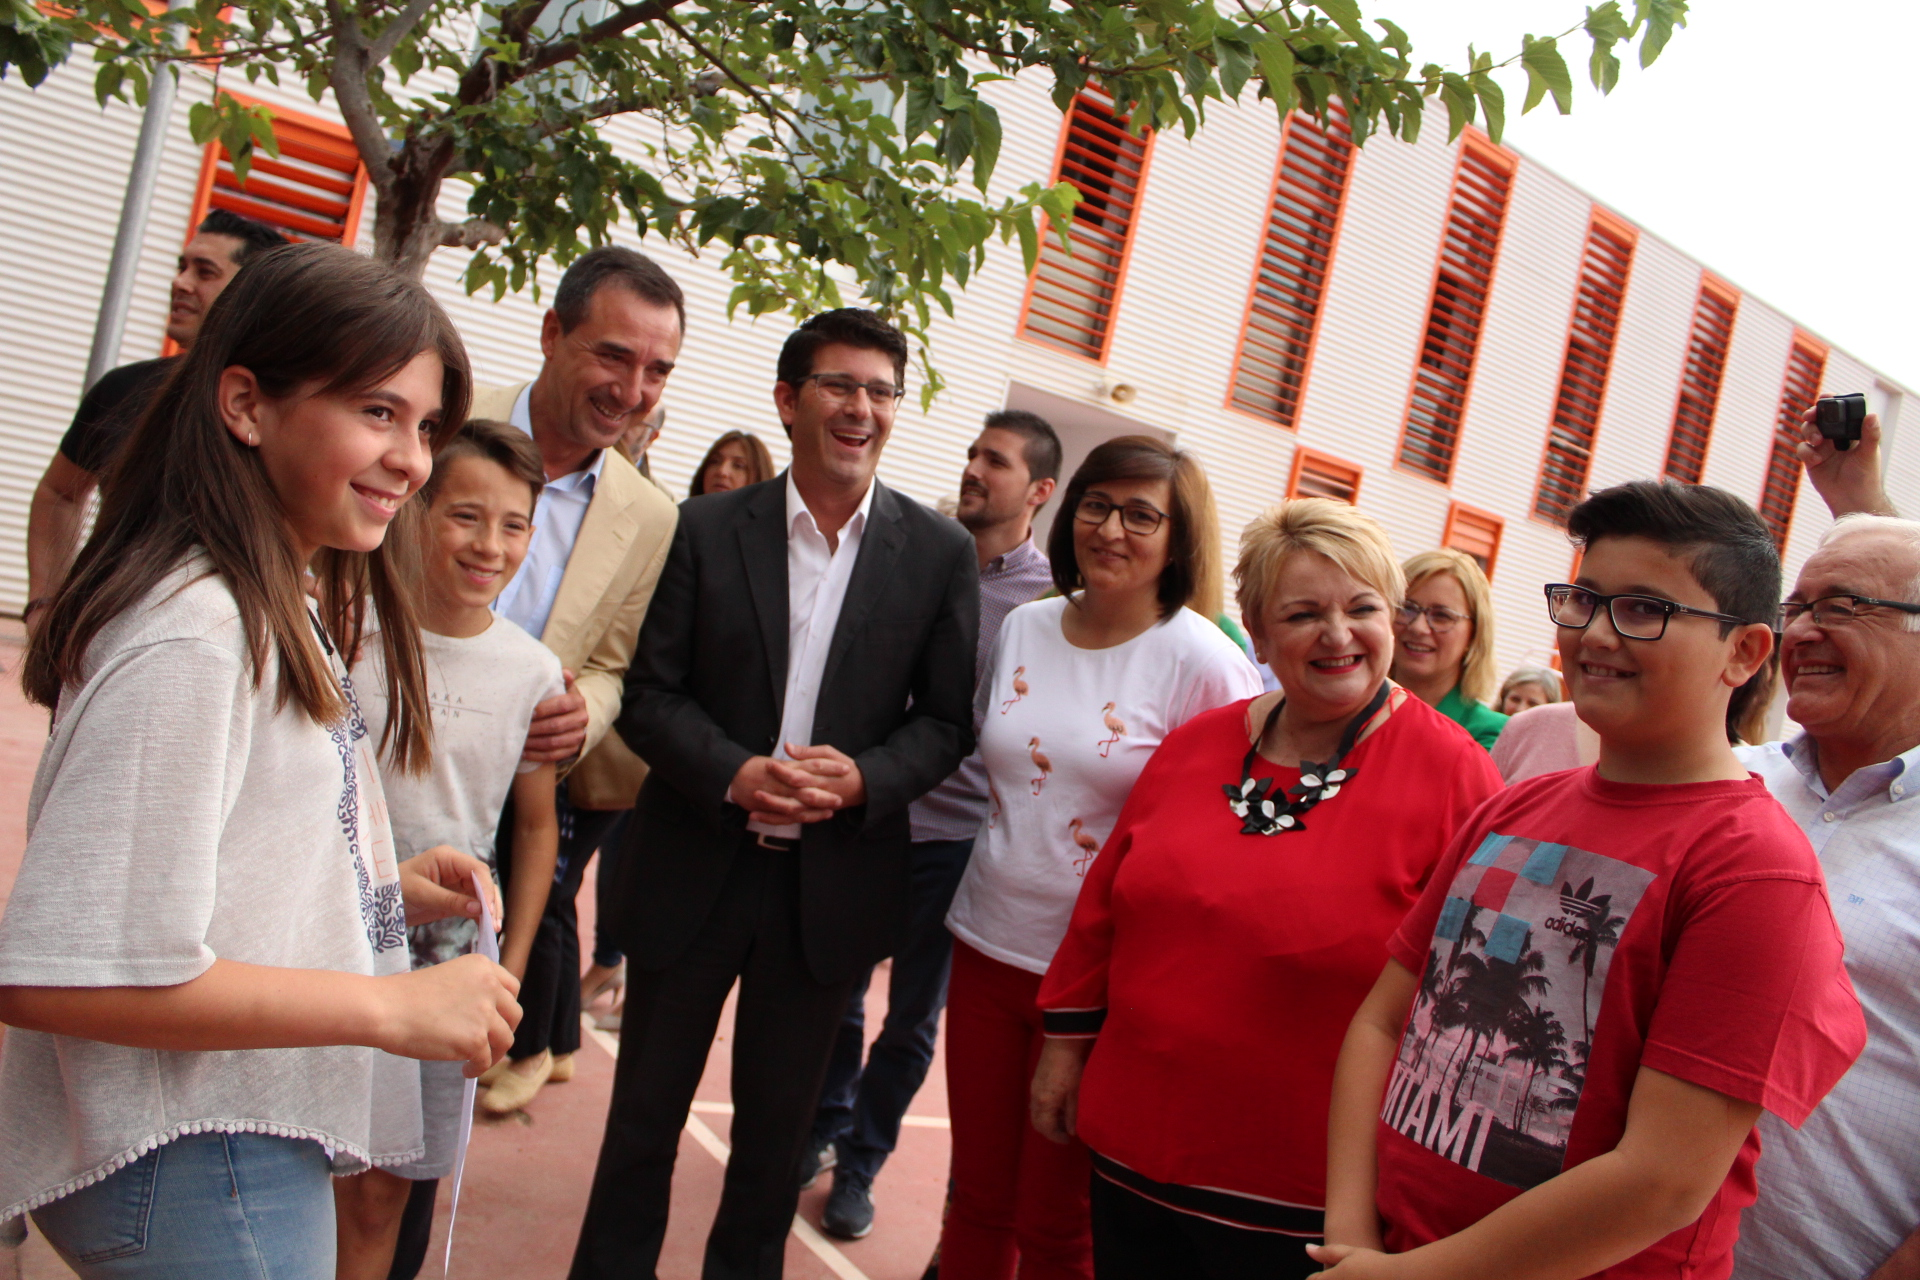 El president, Jorge Rodríguez, visita les instal·lacions del centre acompanyat per l'alcalde, Robert Raga.